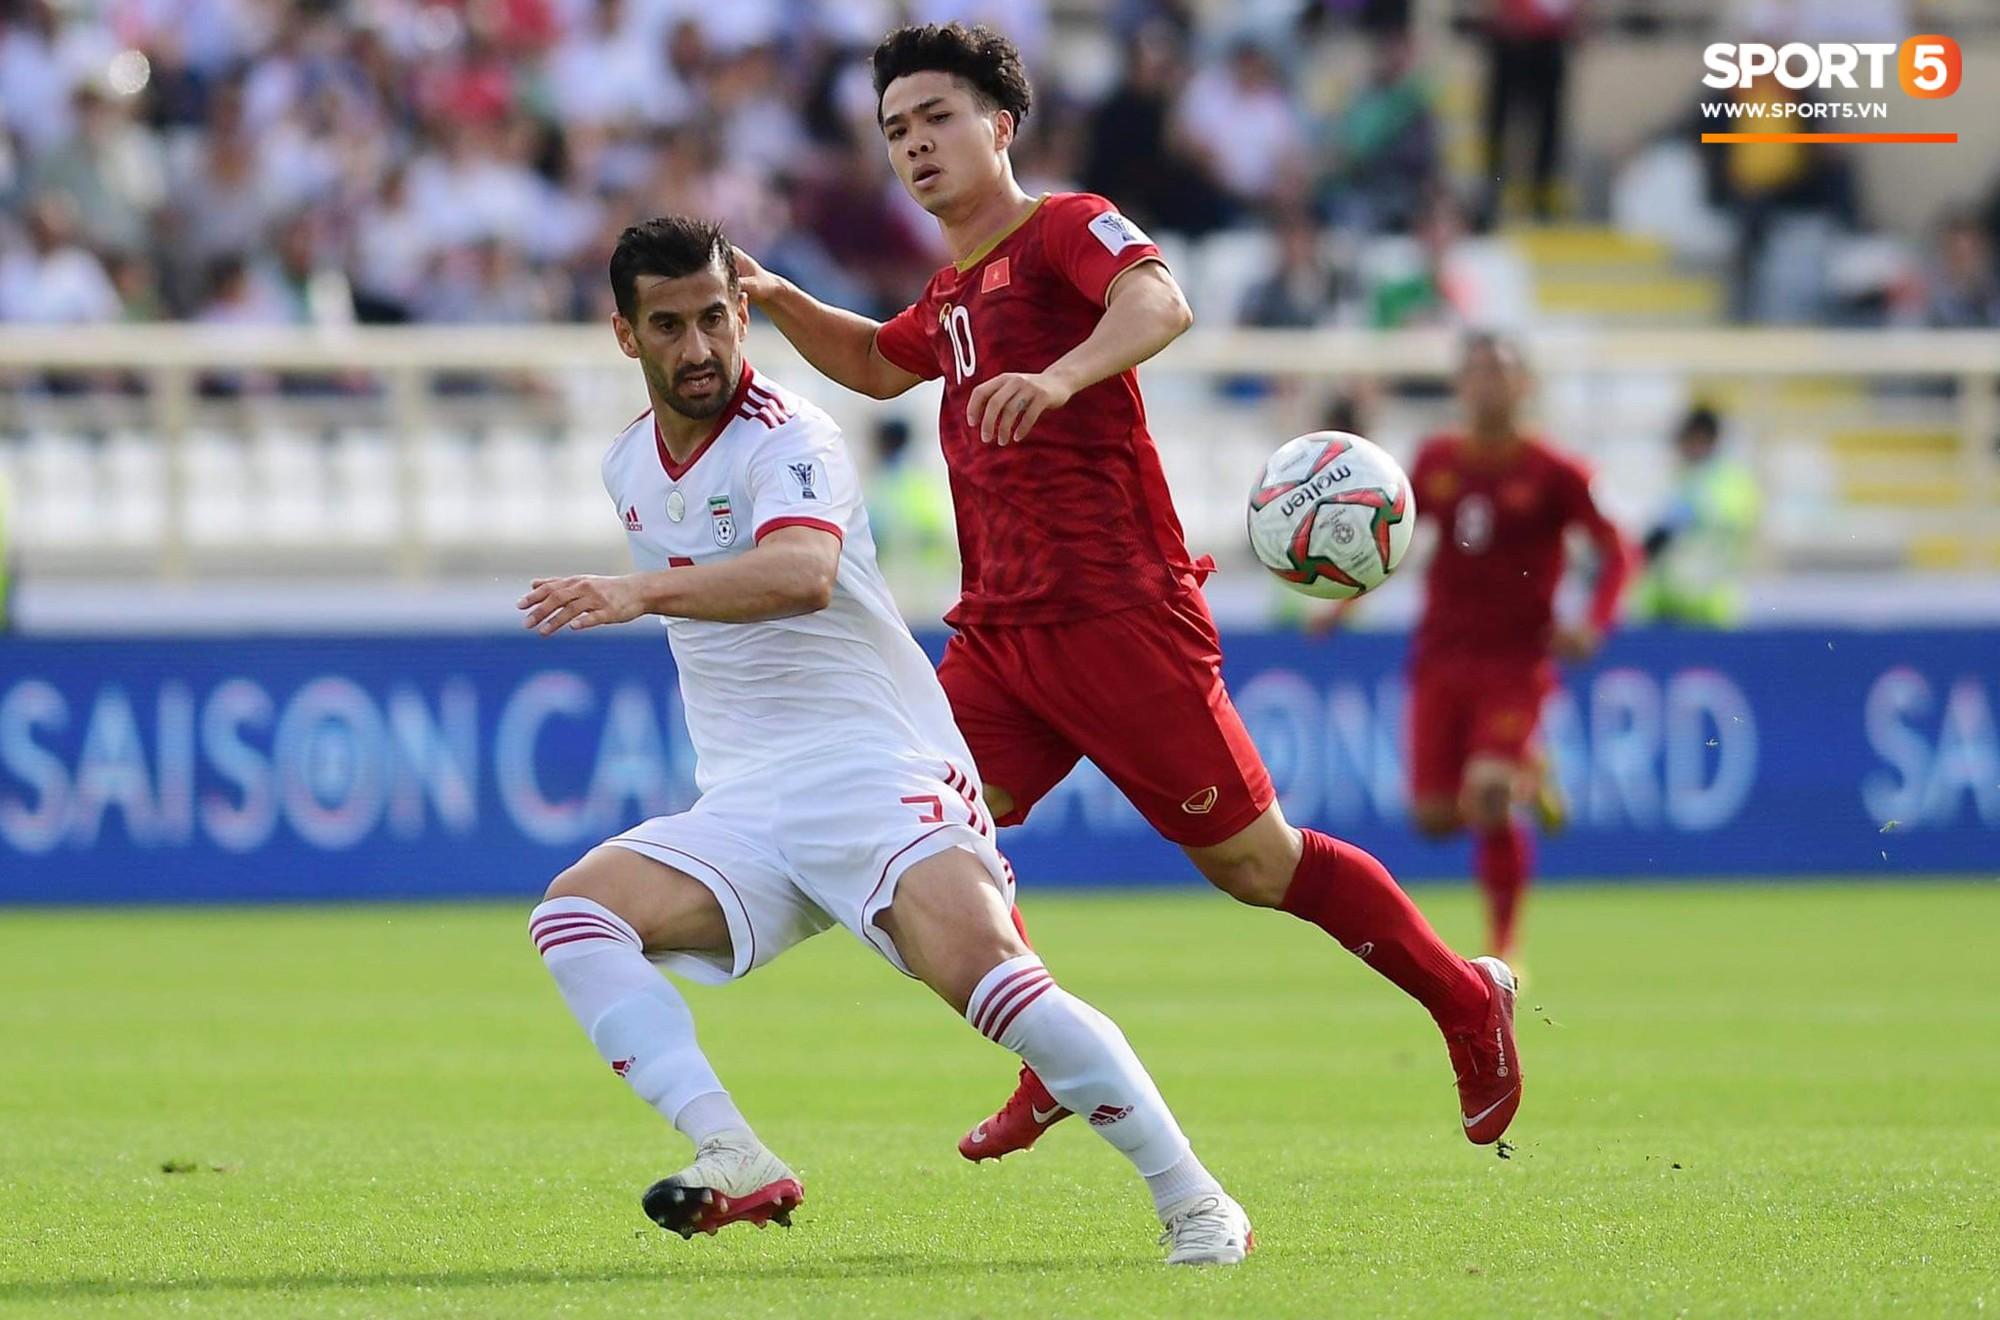 Phút 52, Công Phượng đối mặt với Alireza Beiranvand nhưng cú dứt điểm của Phượng lại không đủ khó để đánh bại thủ thành tuyển Iran.